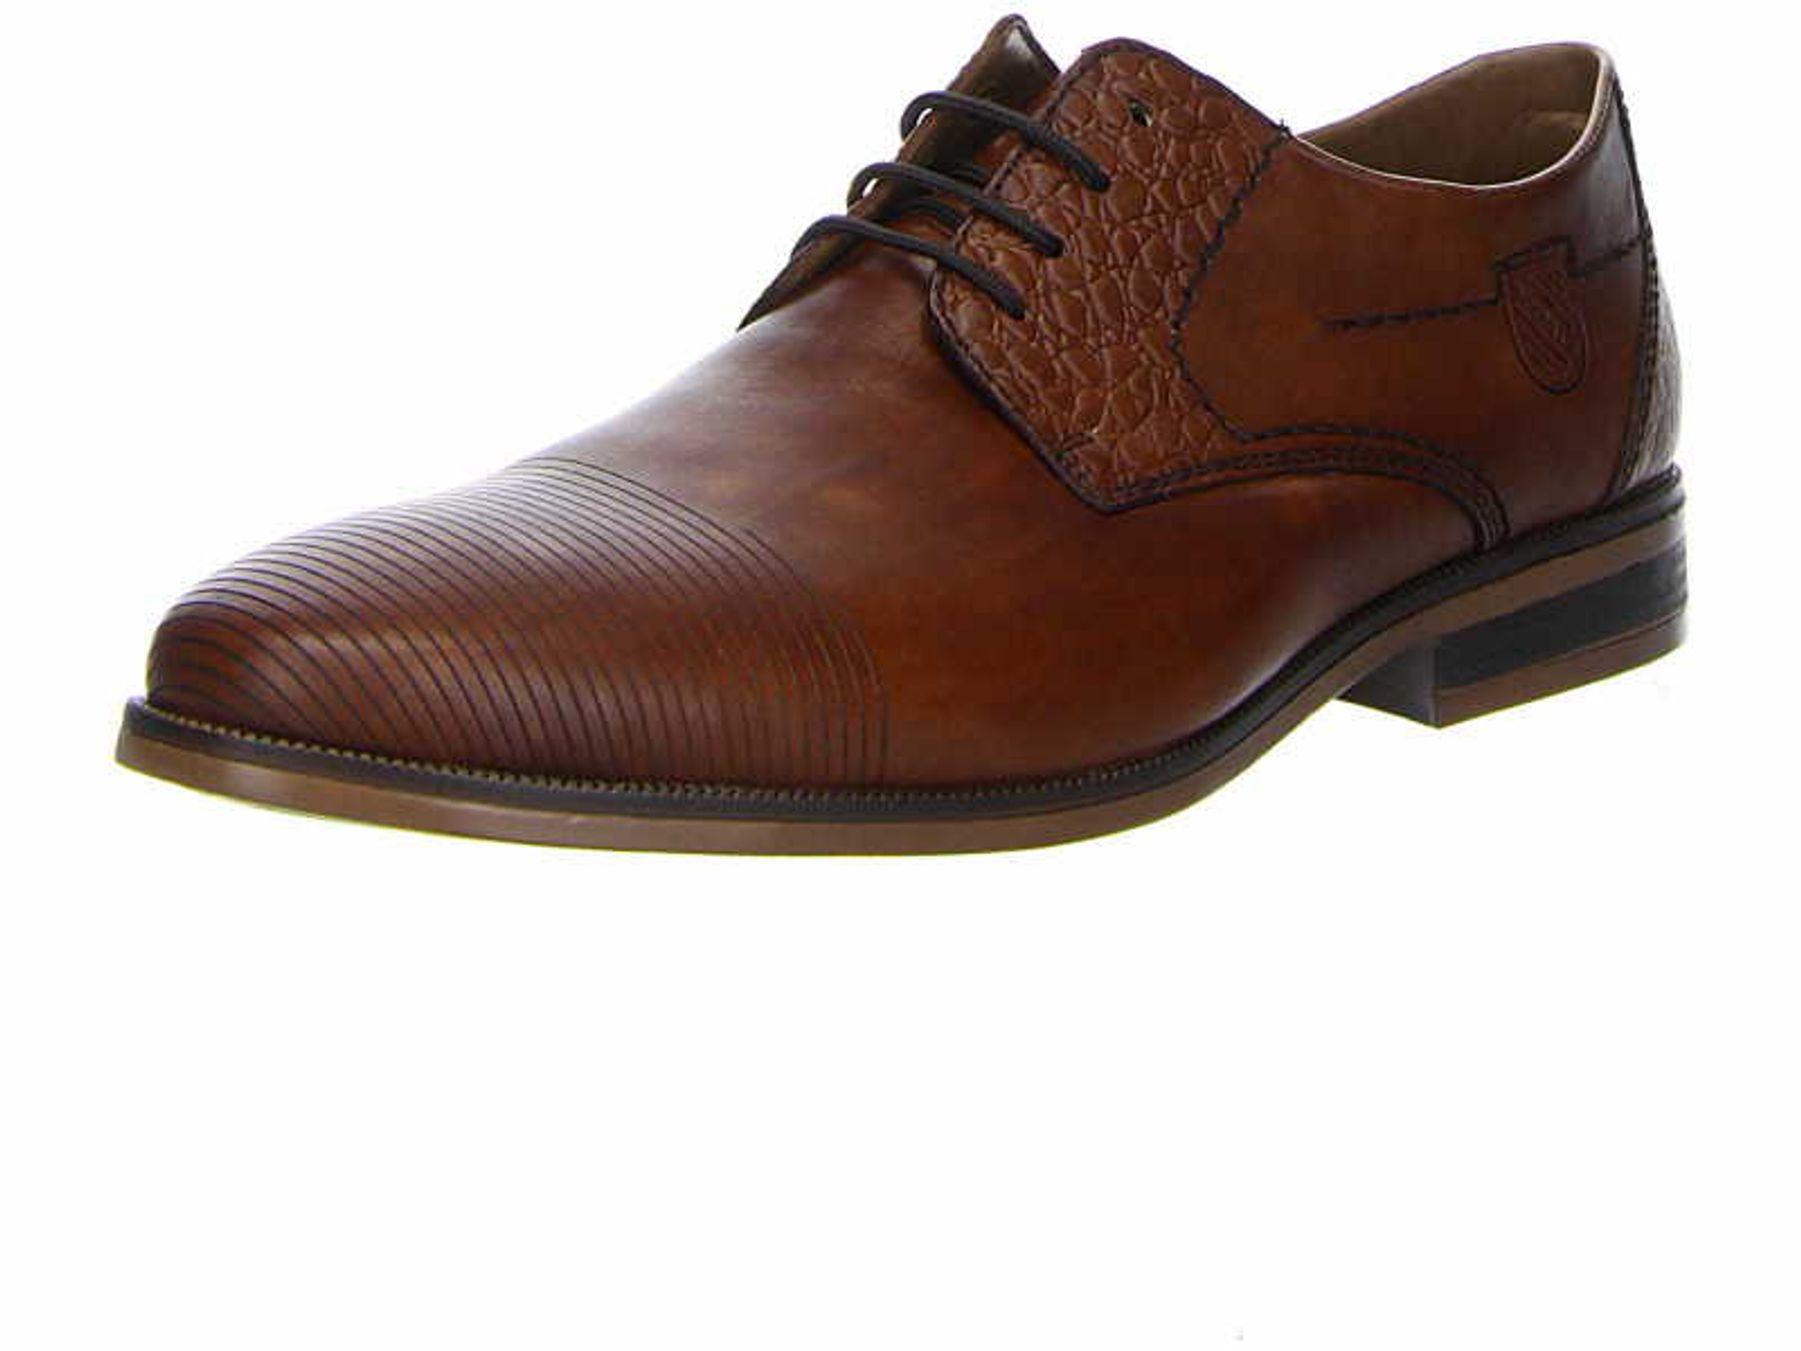 Rieker - Herren Schnür Schuh aus echtem Leder in Braun, Clarino (11621) – Bild 3